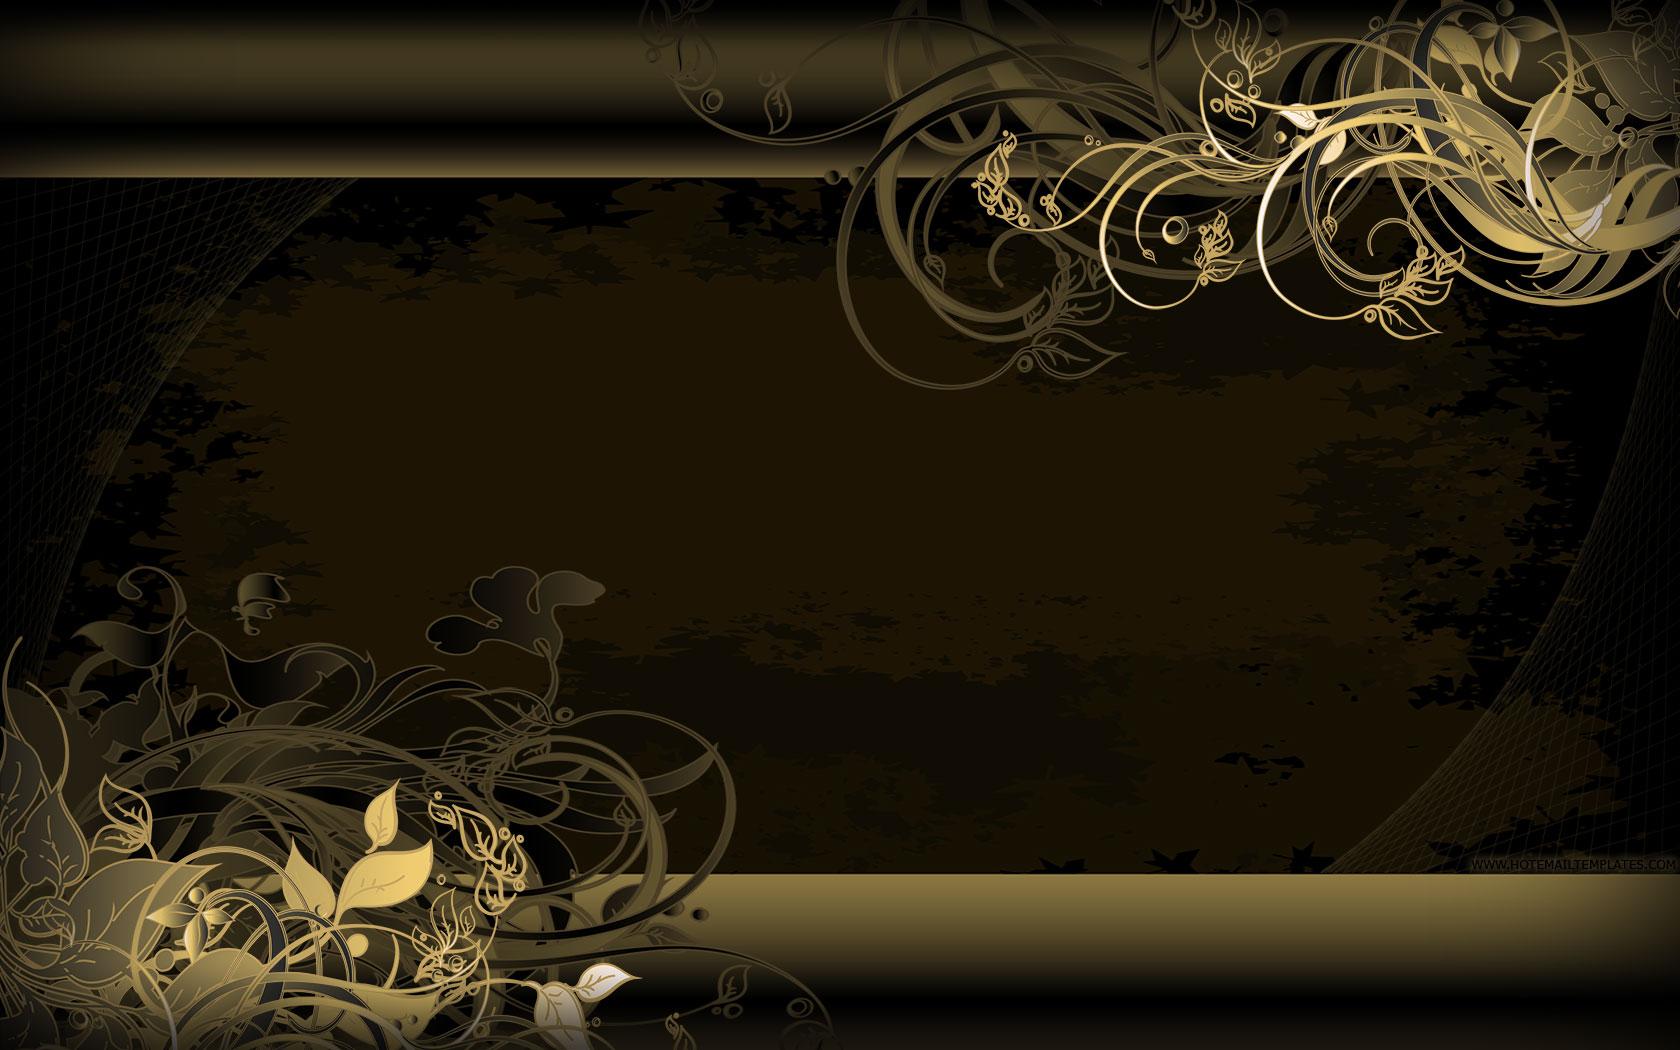 Download Elegant Black And Gold Wallpaper 9 Hd Wallpaper 1680x1050